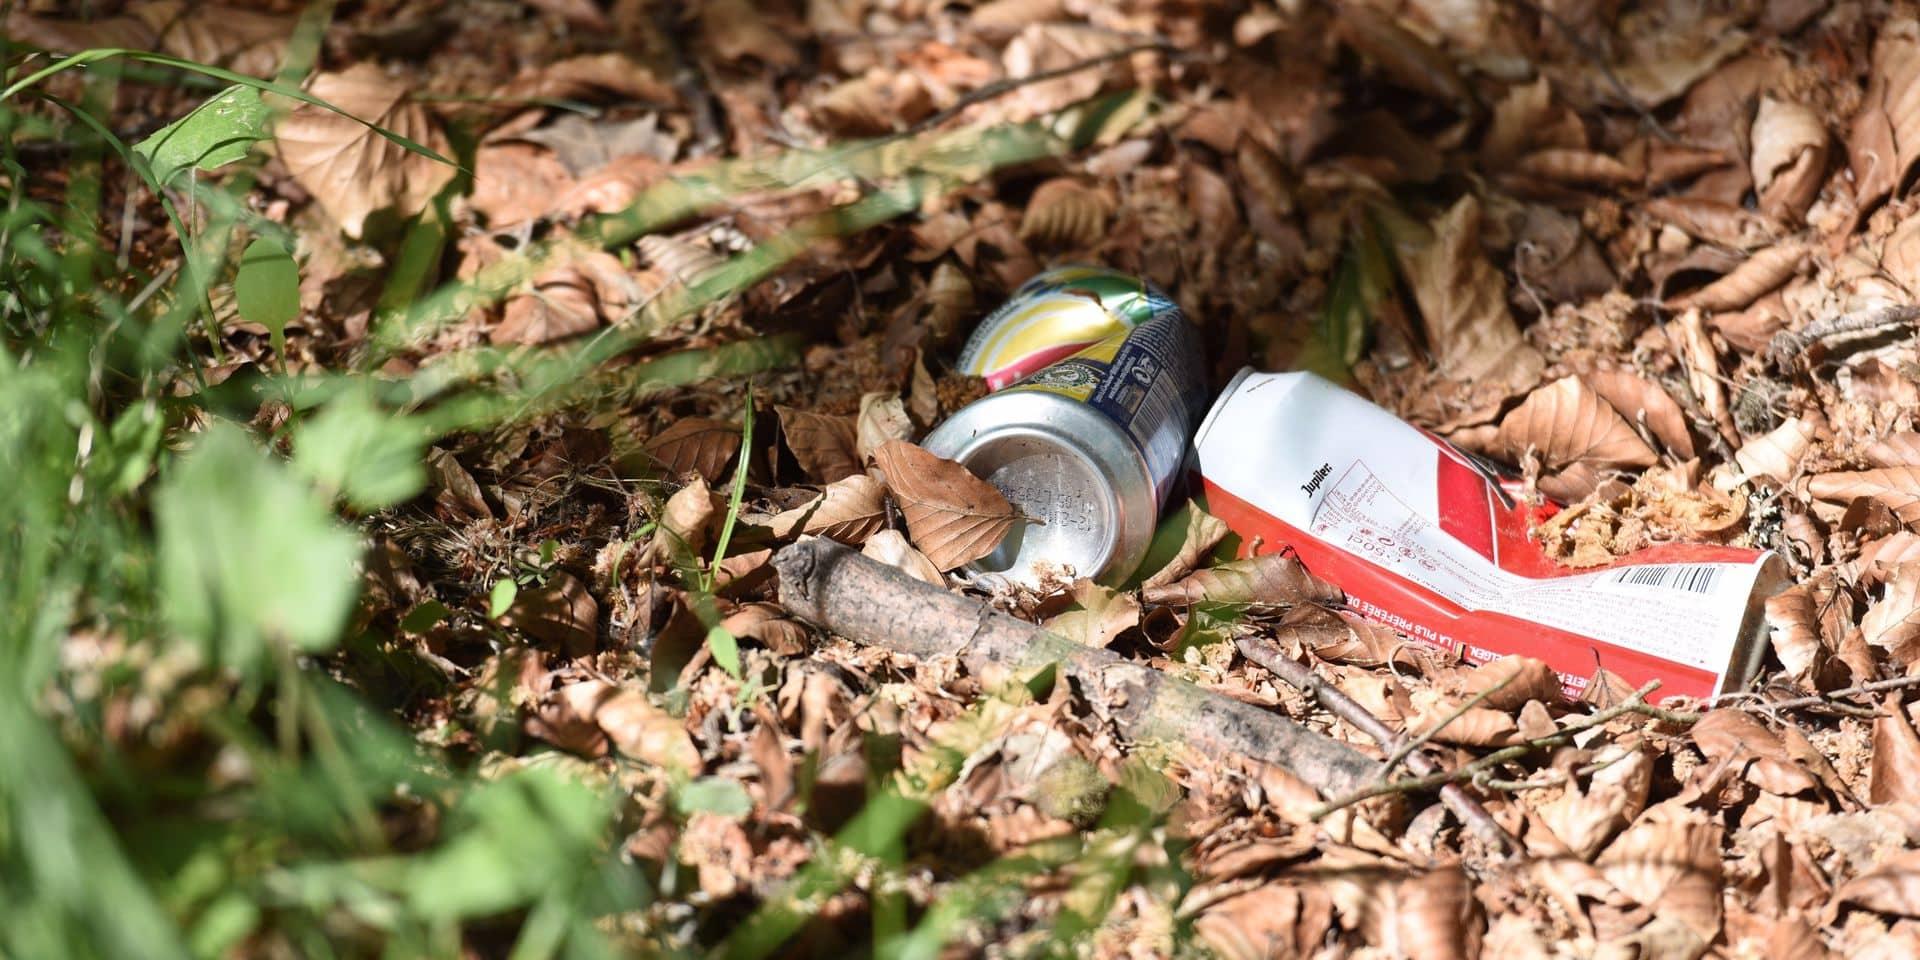 Canettes et bouteilles en plastique consignées : débat au conseil communal du Roeulx